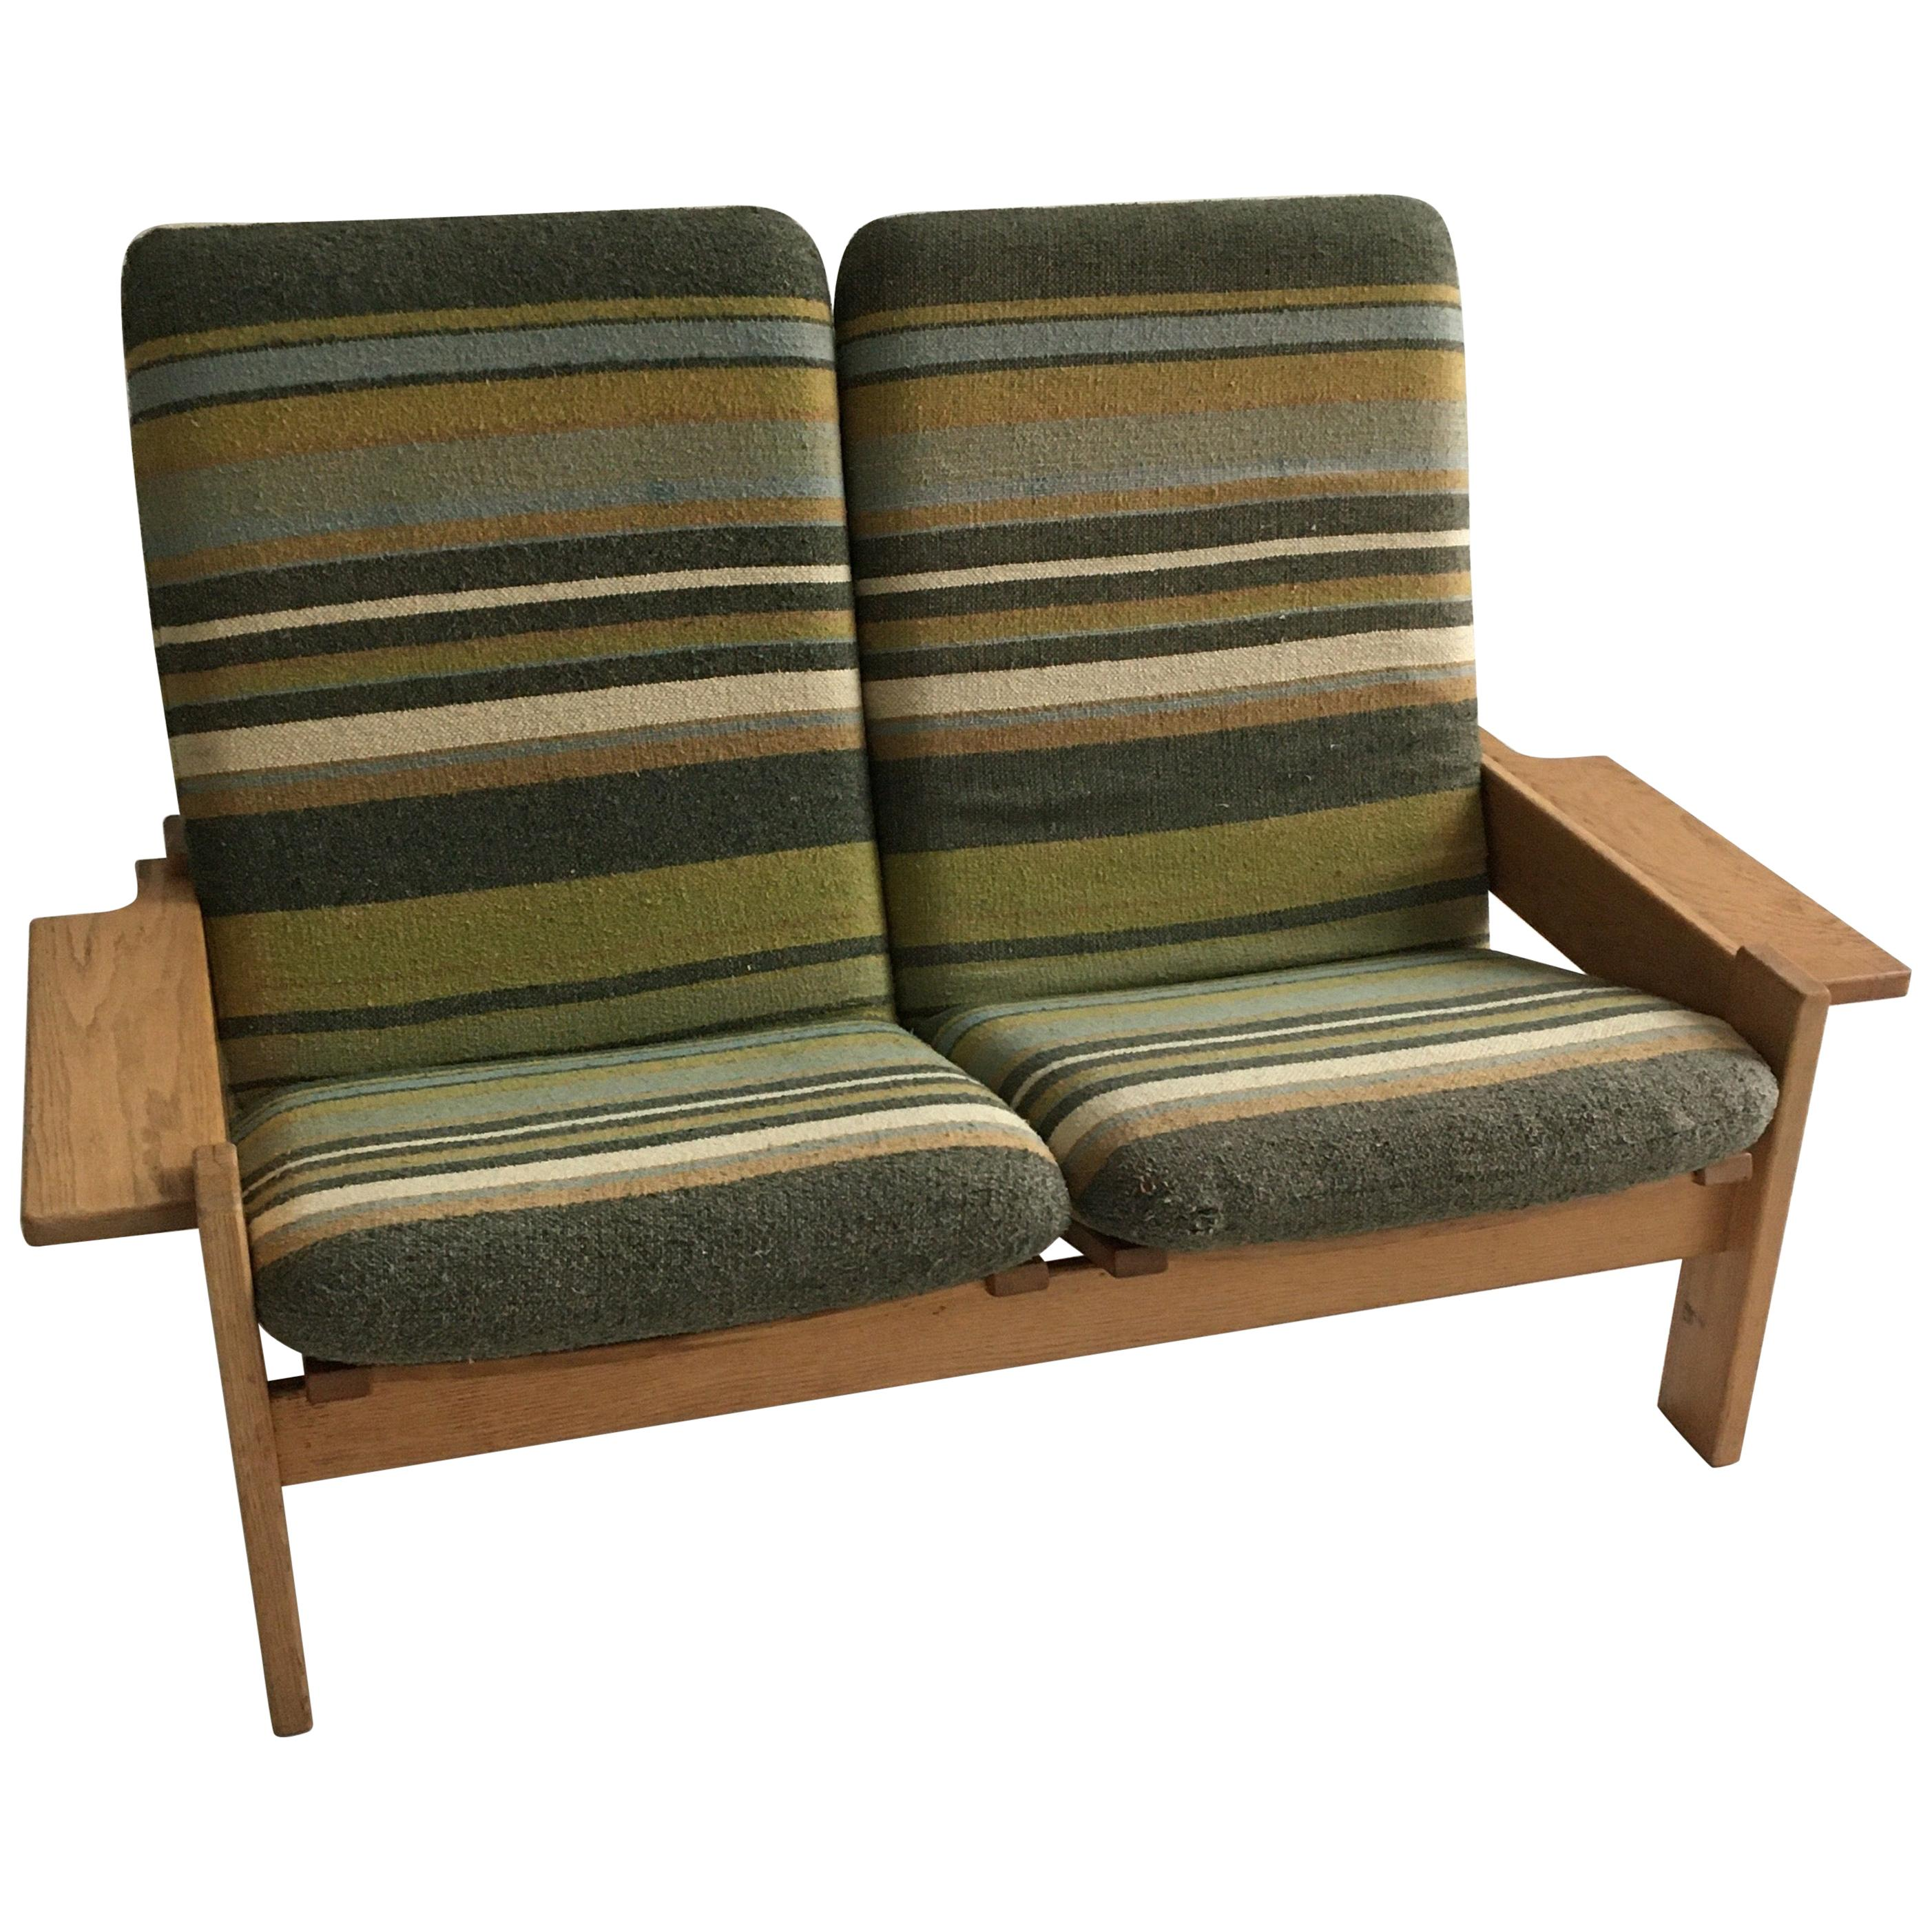 Yngve Ekstrom for Swedese Møbler Two-Seat Sofa Loveseat